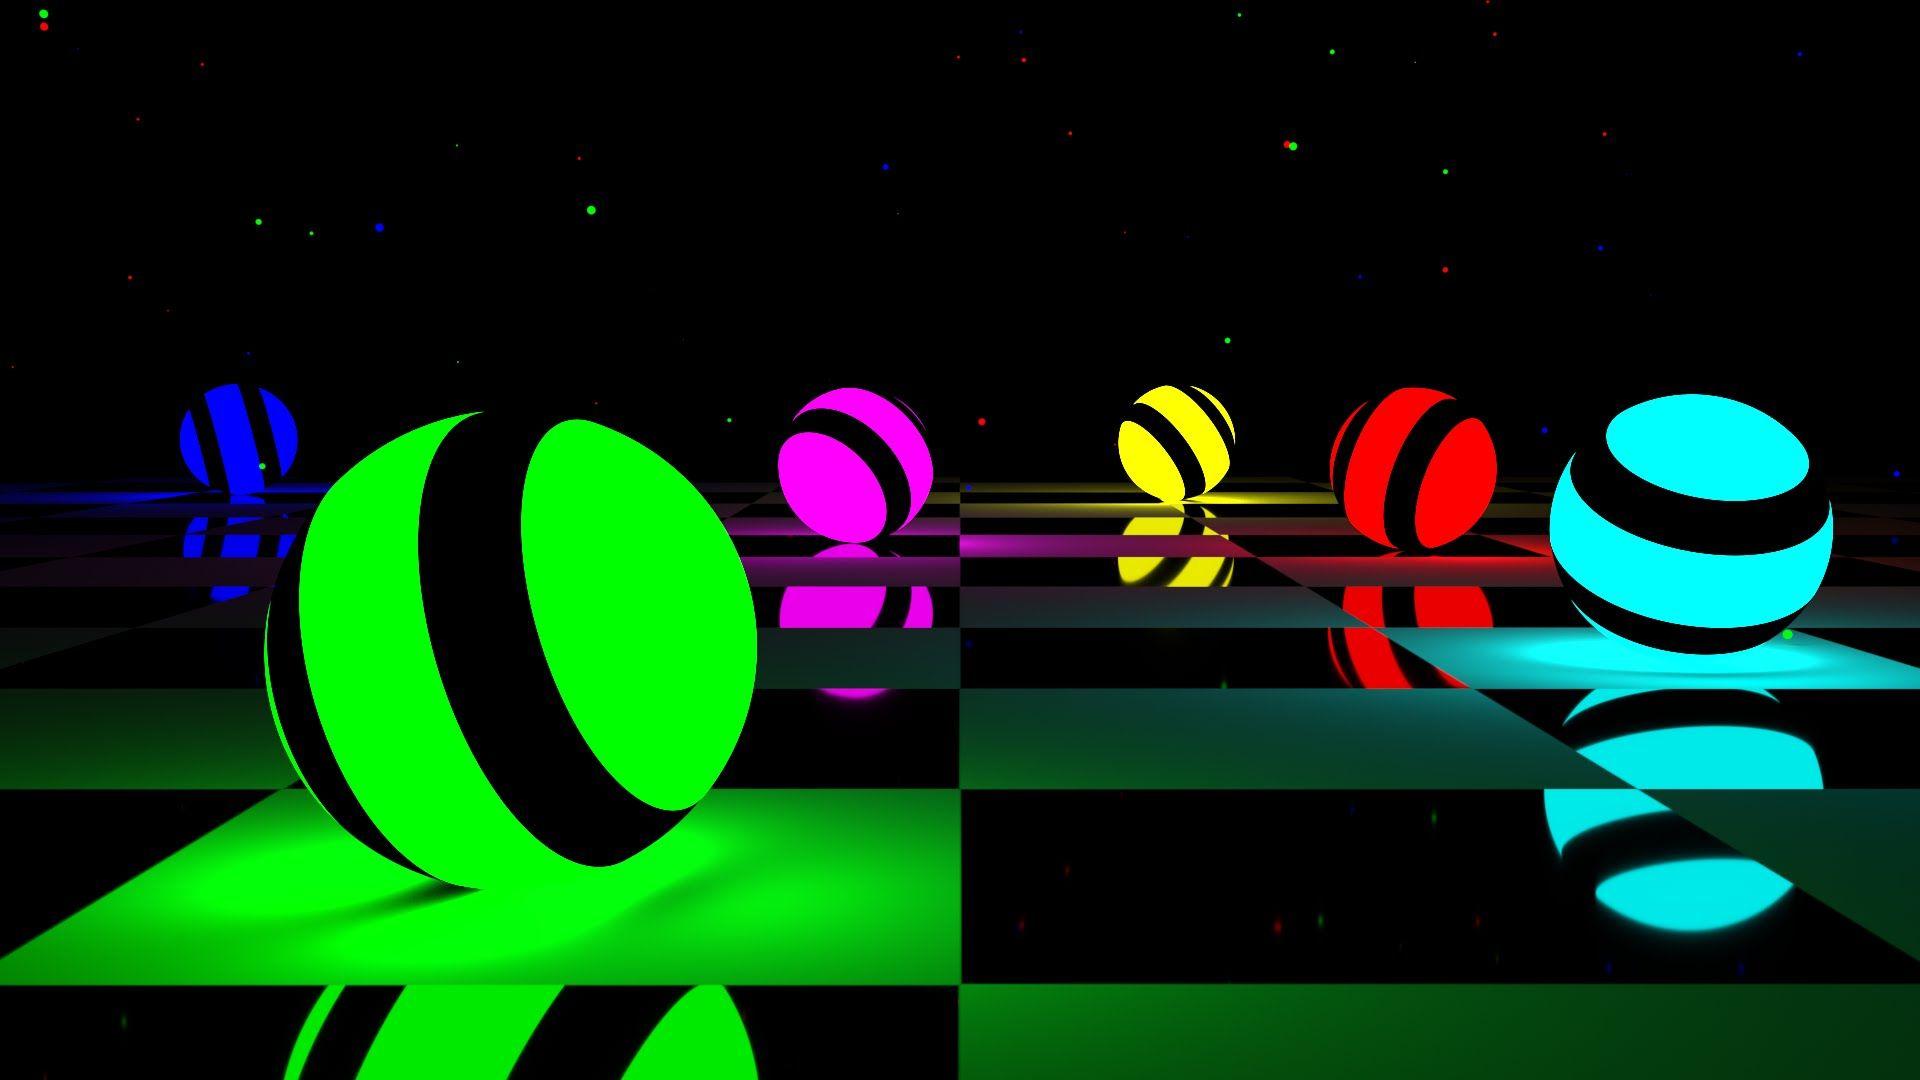 Cool 3d desktop wallpapers high resolution wallpaper for Wallpaper 3d wallpaper